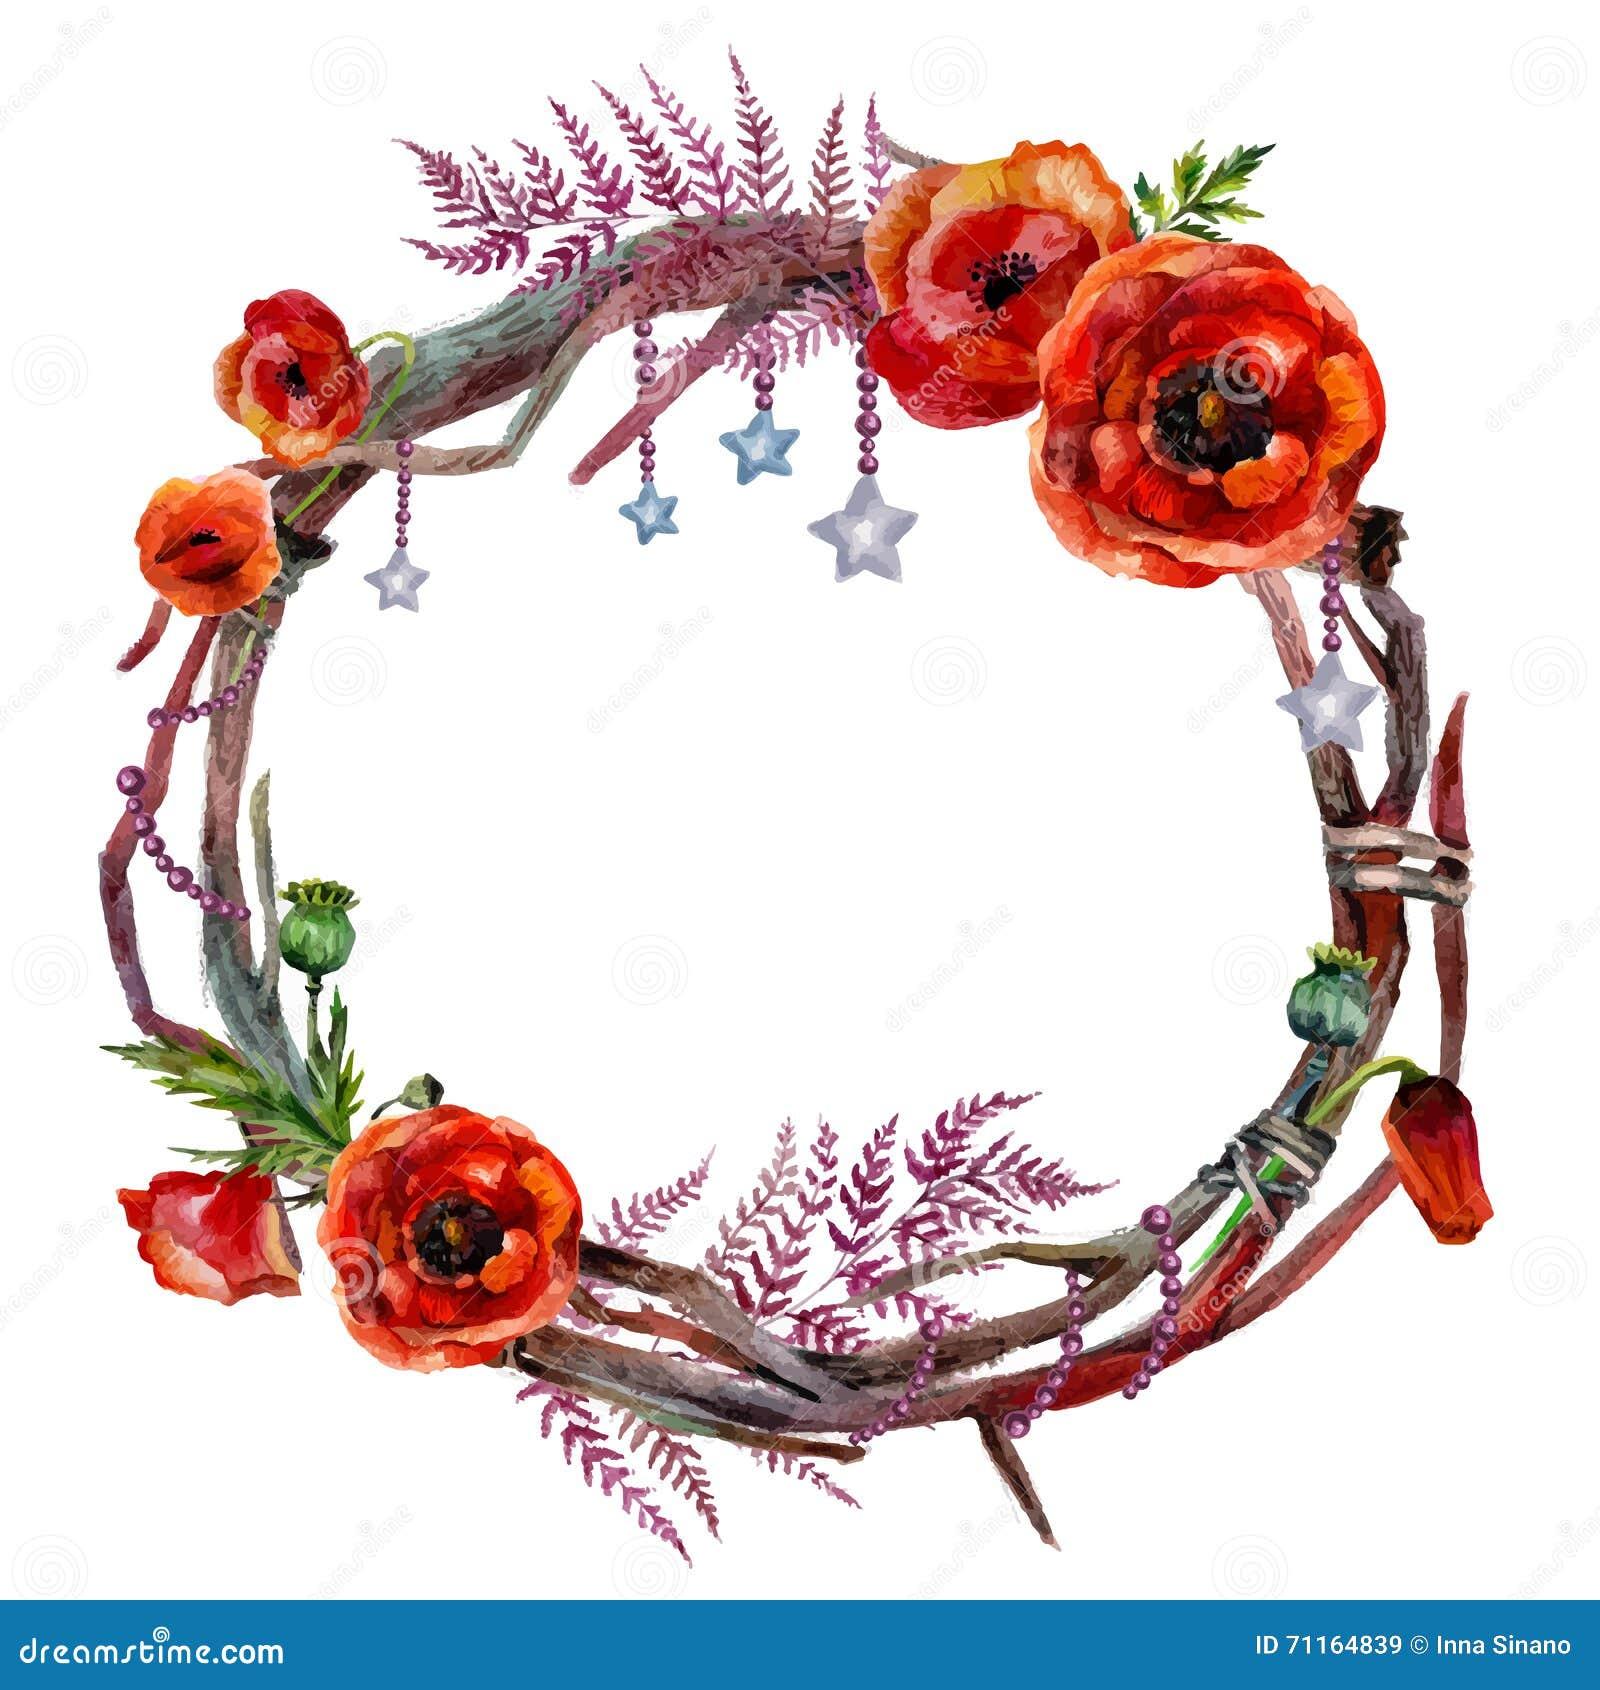 Watercolor Floral Wreath Stock Vector